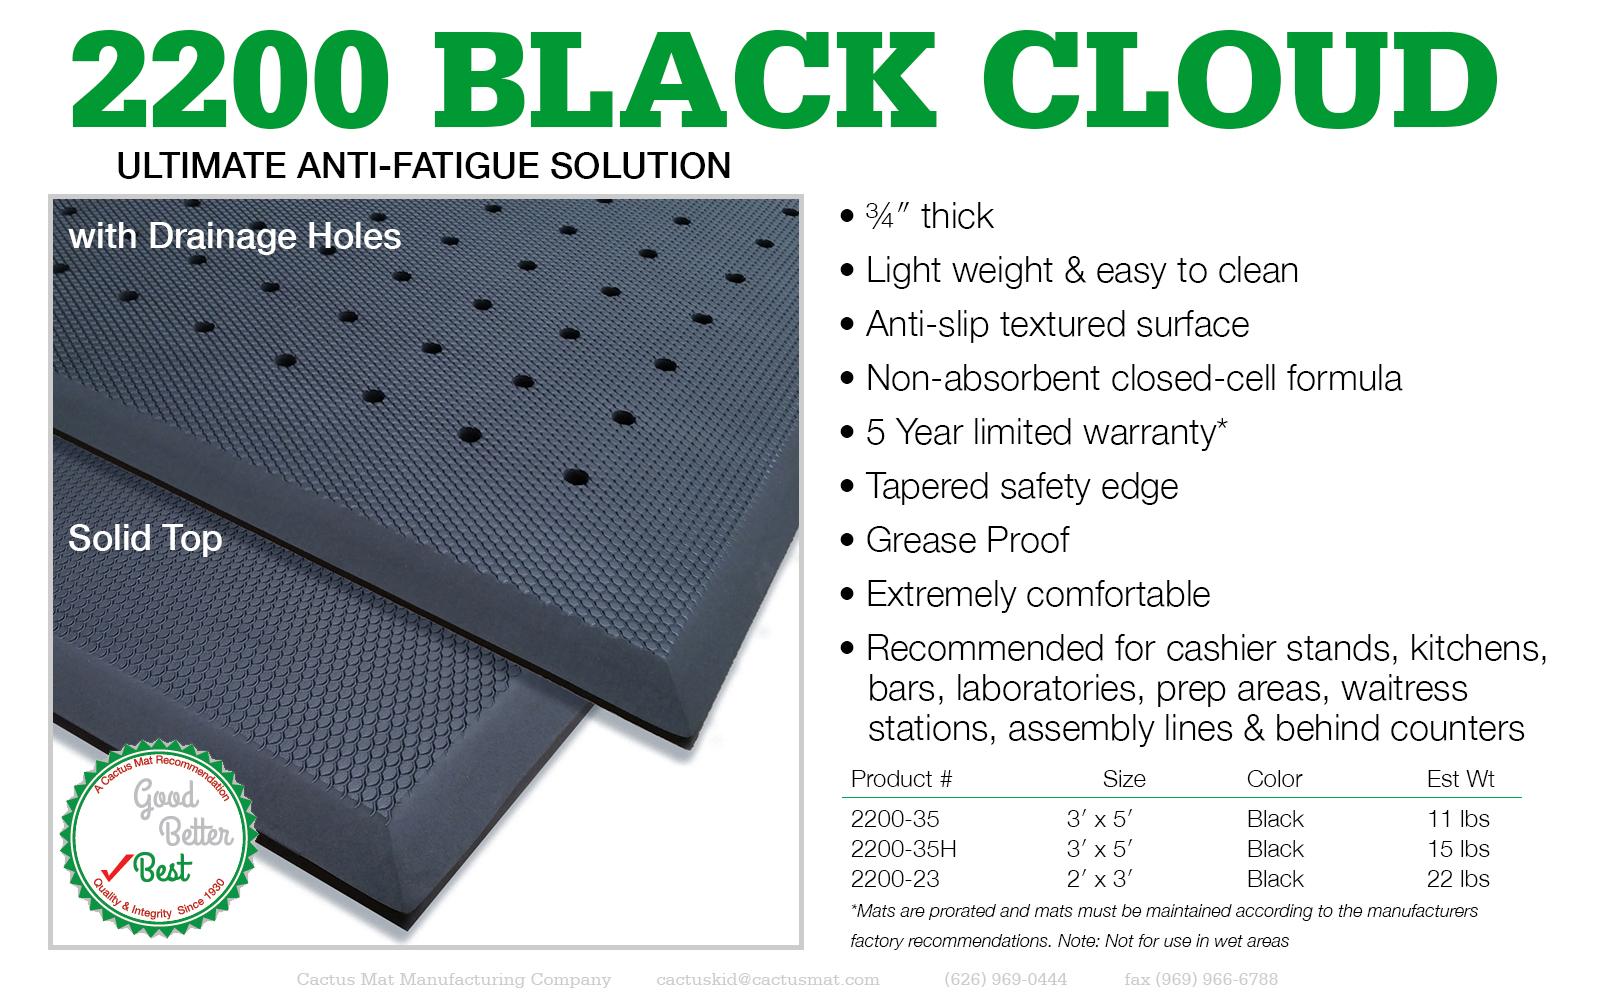 2200_BlackCloud_WhtBkg_1600x1000.jpg